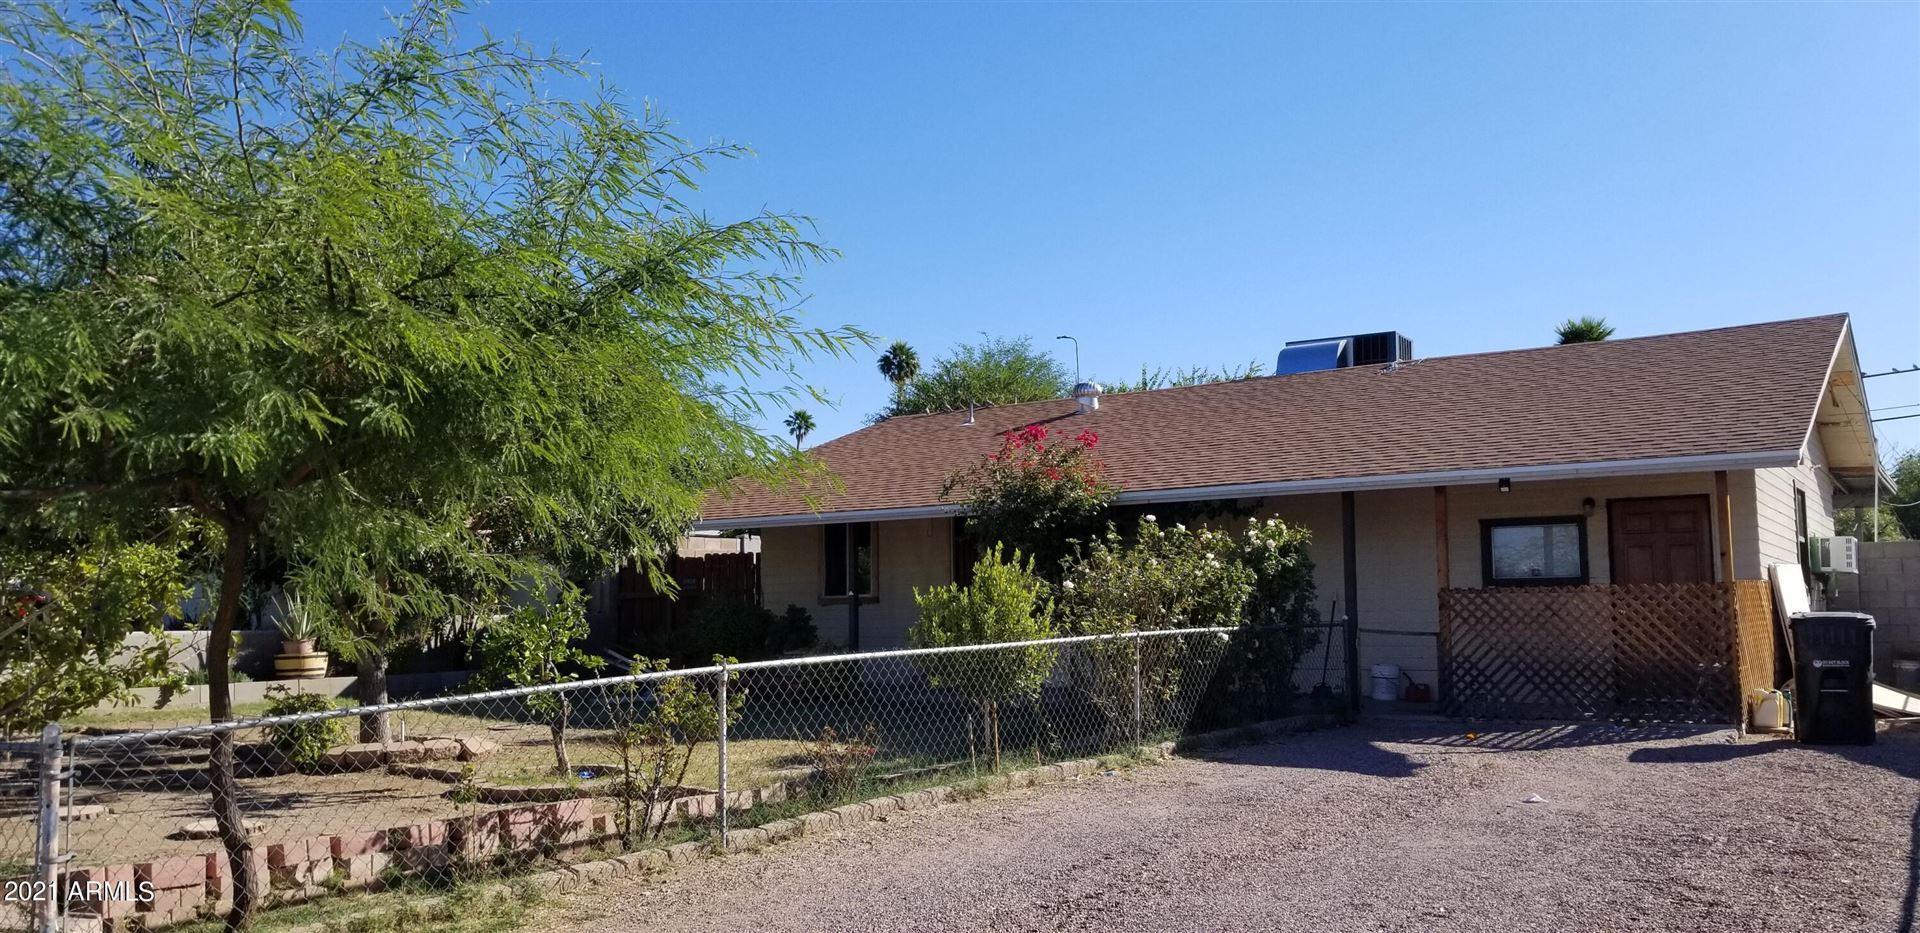 Photo of 9227 N 13TH Street, Phoenix, AZ 85020 (MLS # 6307776)